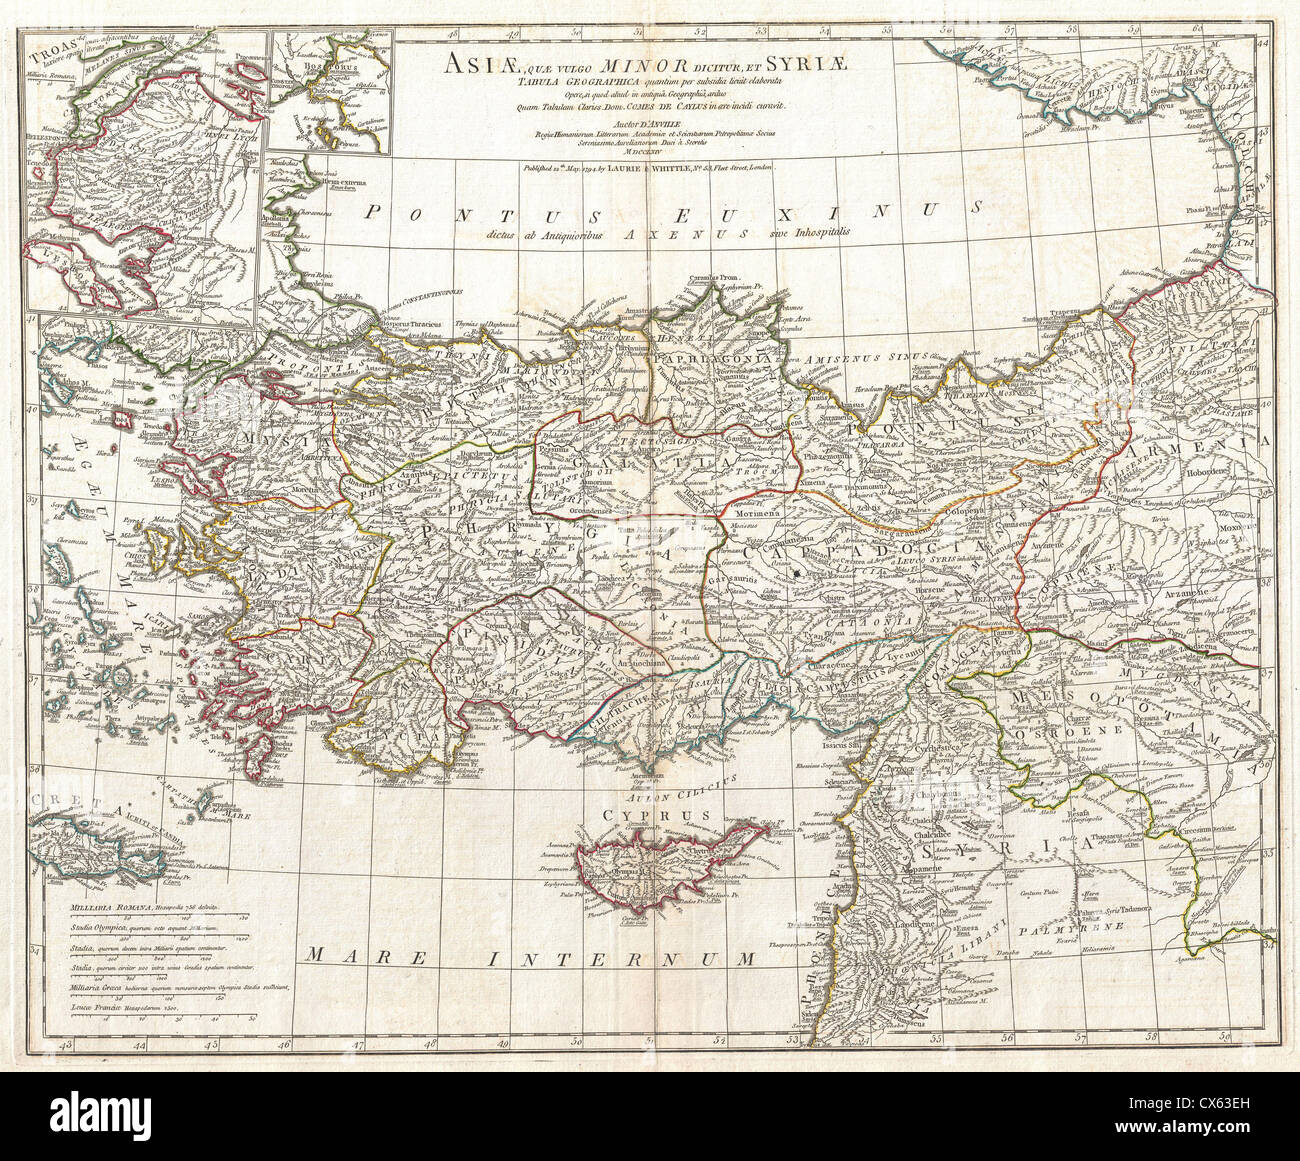 1794 Anville Site de l'Asie Mineure dans l'Antiquité (Turquie, Chypre, Syrie) Photo Stock